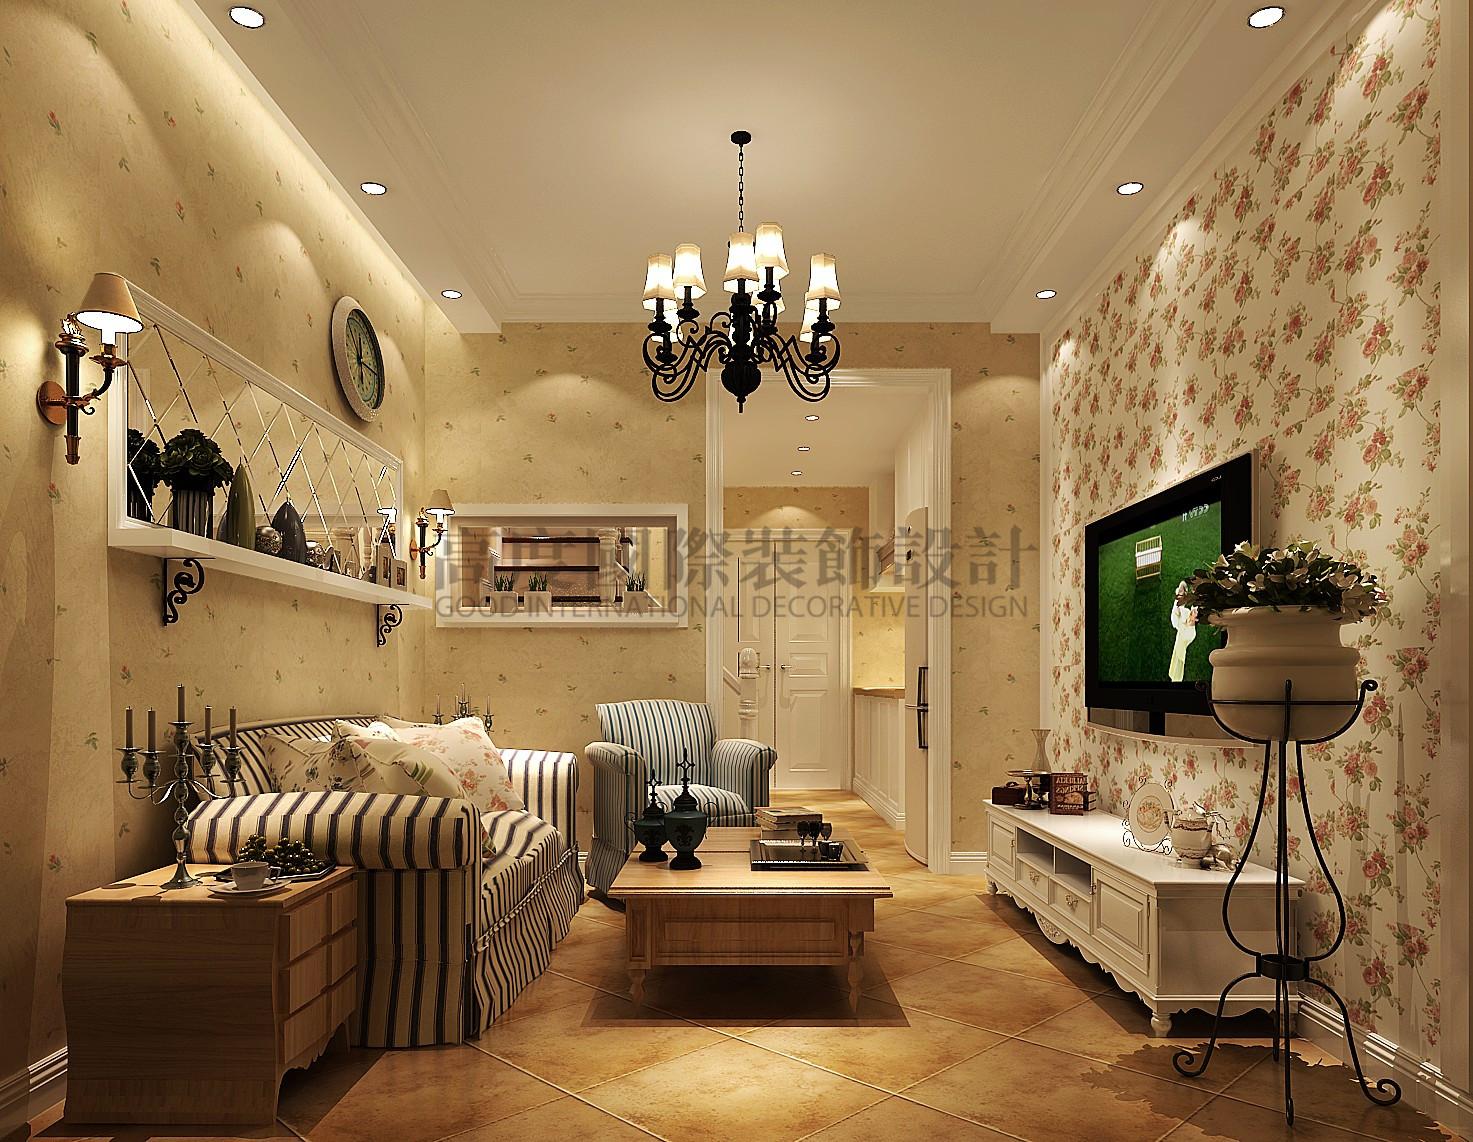 保利百合花 高度国际 loft装修 高度样板间 客厅图片来自成都高度国际在保利百合花园—78loft—田园风的分享